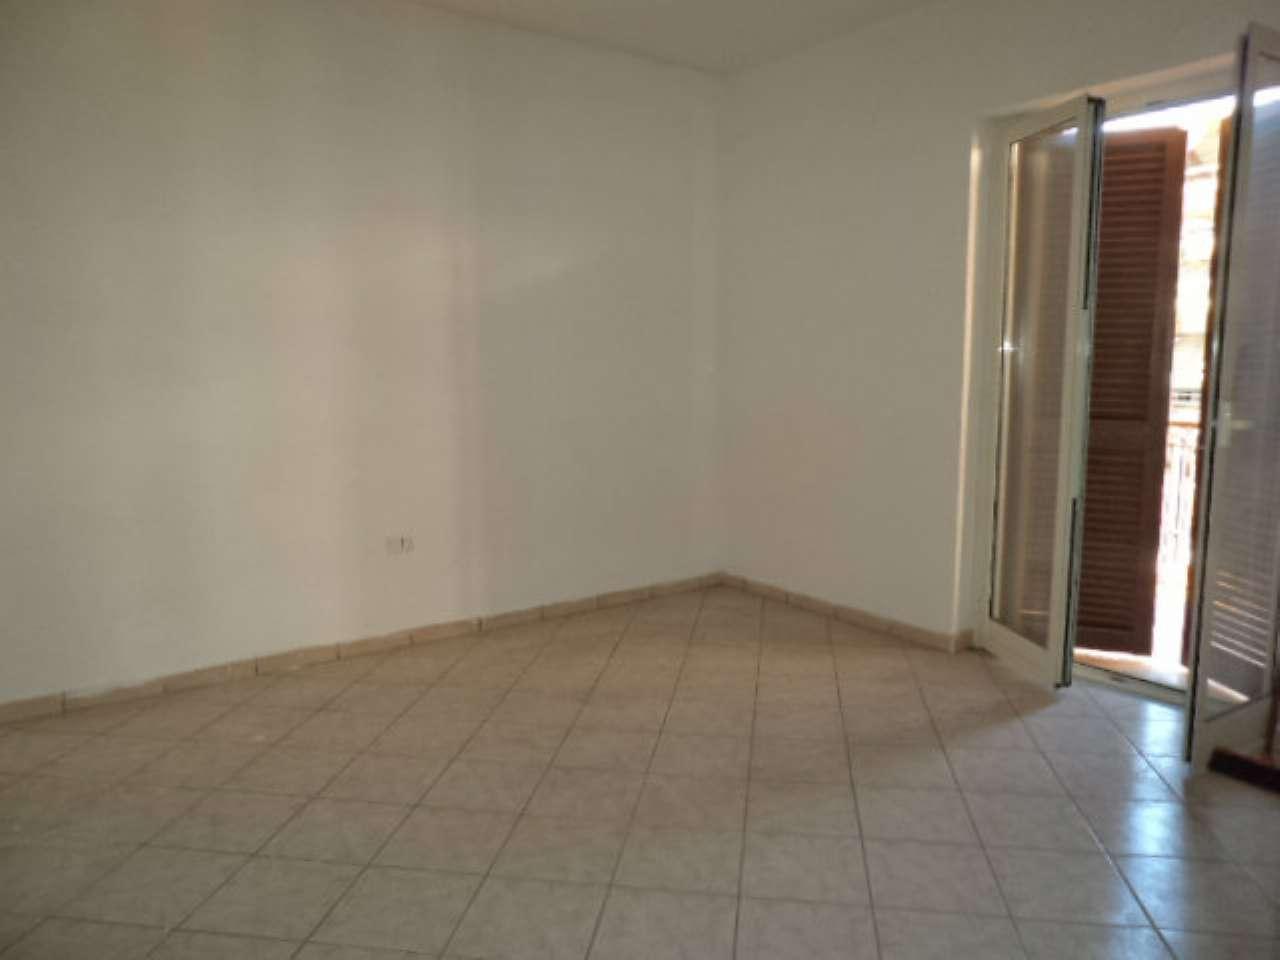 Appartamento in vendita a Giugliano in Campania, 5 locali, prezzo € 140.000 | CambioCasa.it